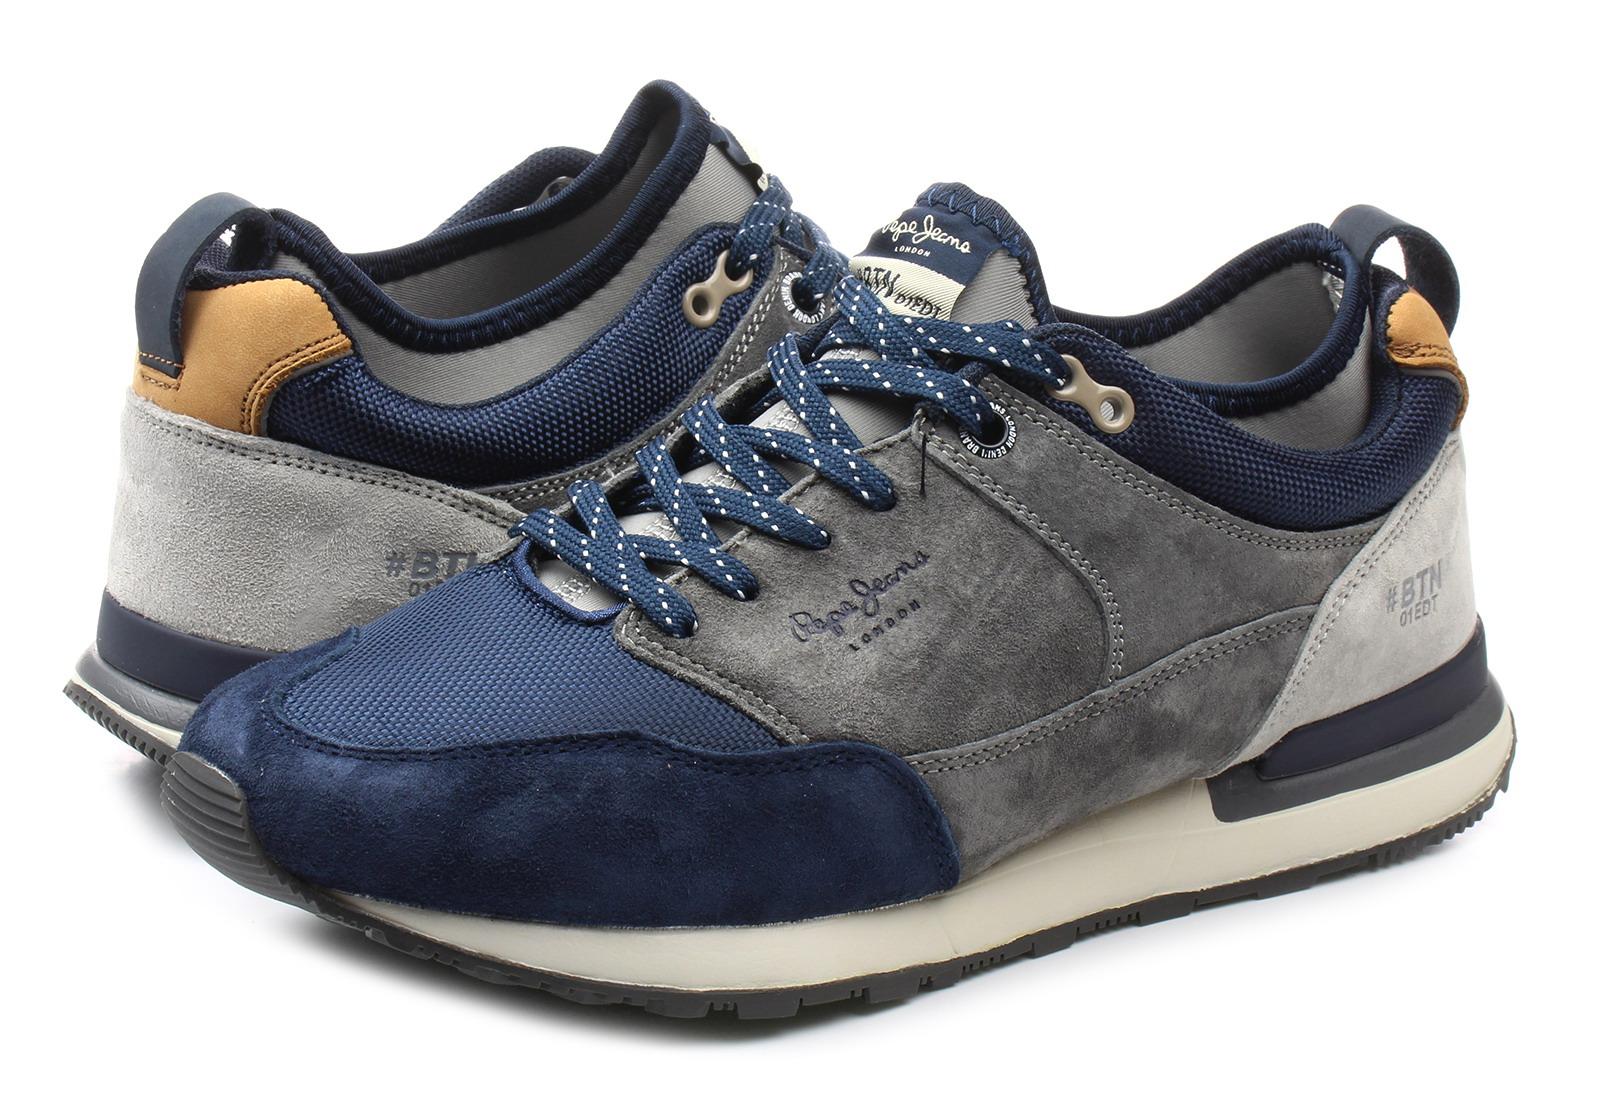 d911b70669 Pepe Jeans Cipő - Btn - PMS30474595 - Office Shoes Magyarország